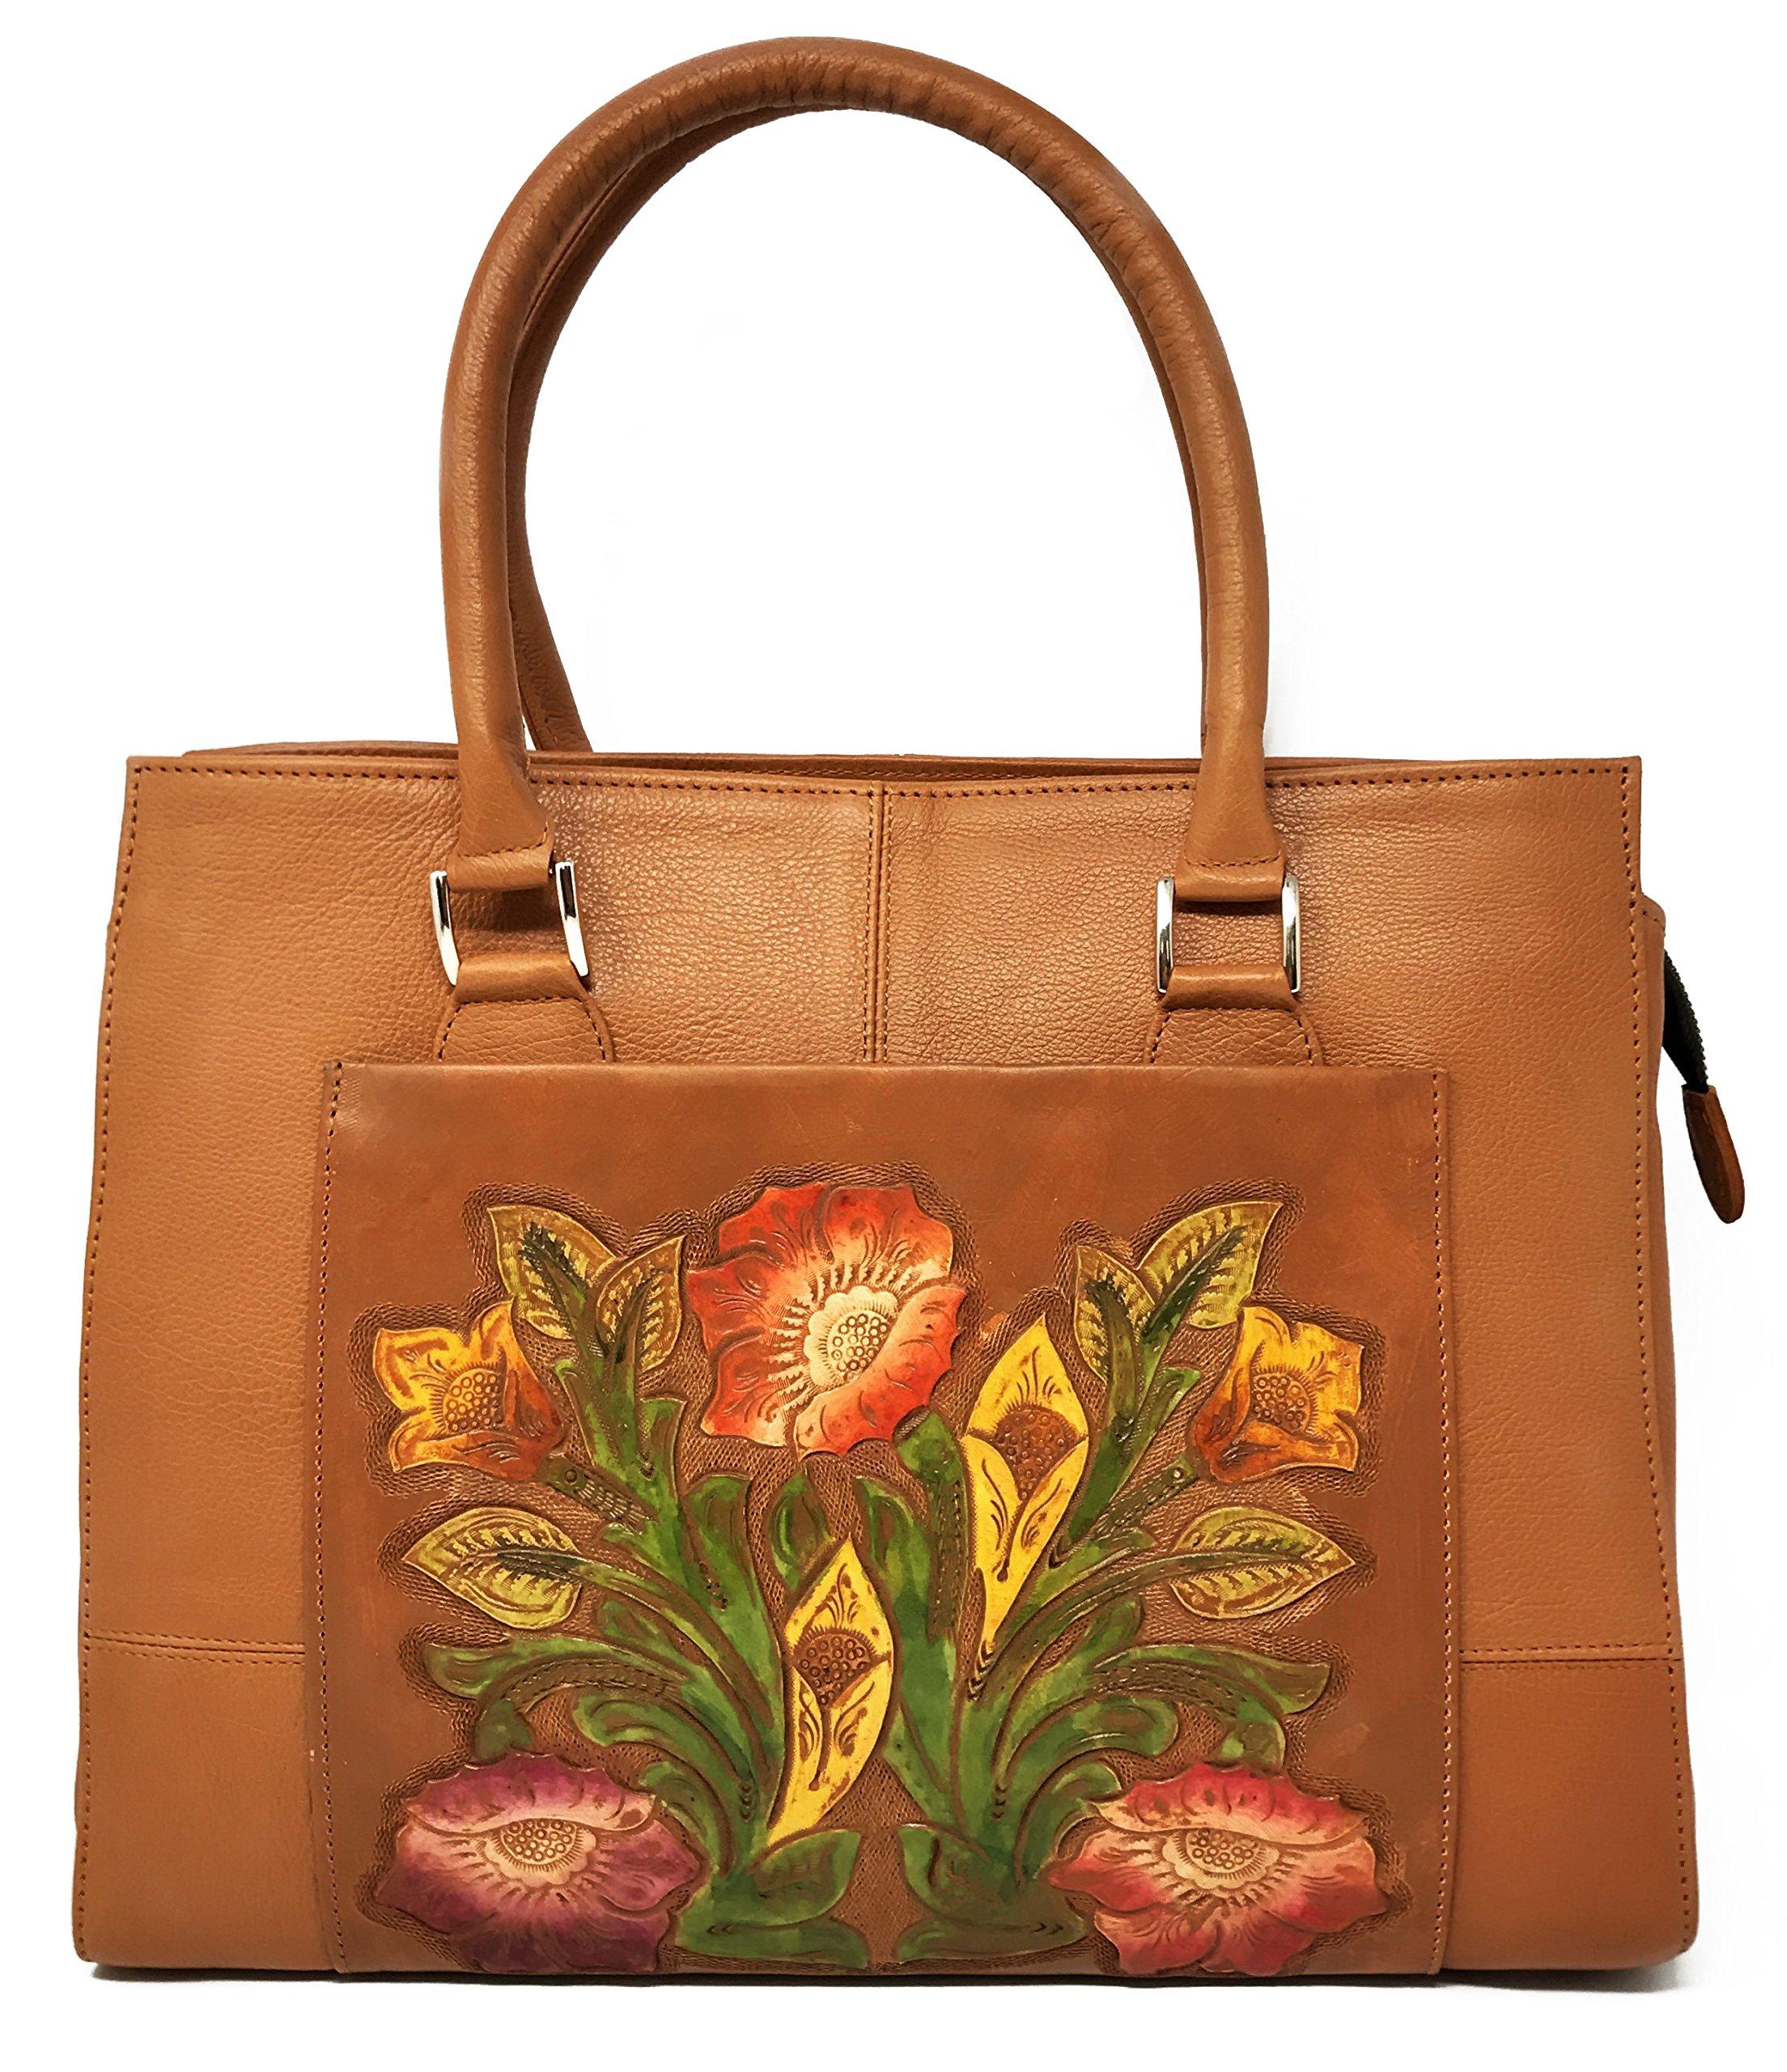 Adelaide Vintage Floral Artisan Leather Handmade Top Handle Cross Body Handbag Designer Gift for Women (Maple)